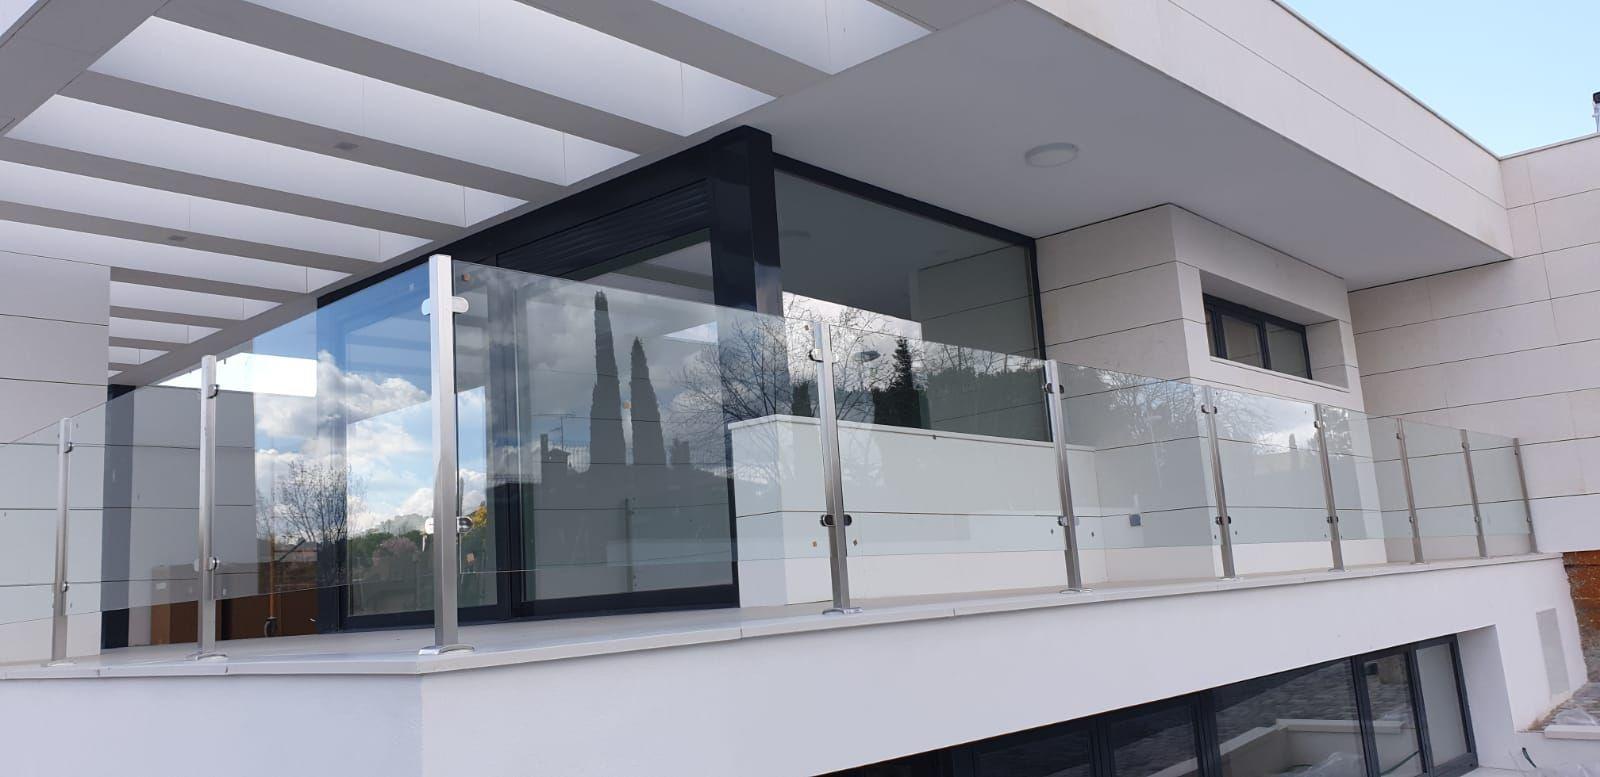 Exposición ventanas Ventaglass Villalba